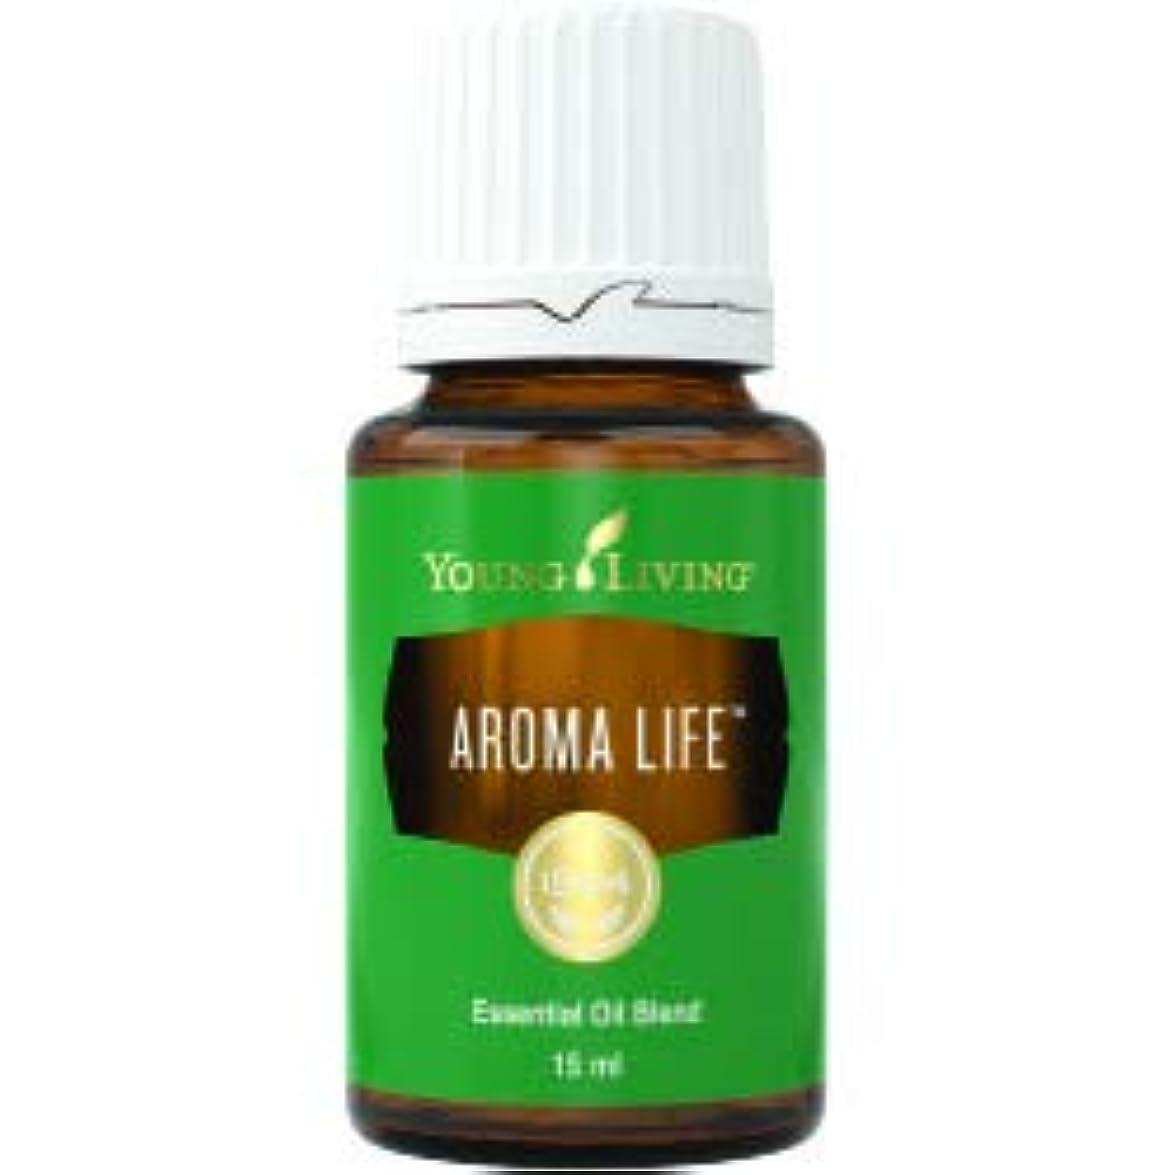 意志気がついて倒錯アロマライフ™は、イランイランの調和効果と既知の大手サイプレス、ヘリクリサム、マジョラムを組み合わせたものです。オイルブレンドはあなたの生命力を活性化し、リラックスをもたらします Aroma Life Essential...